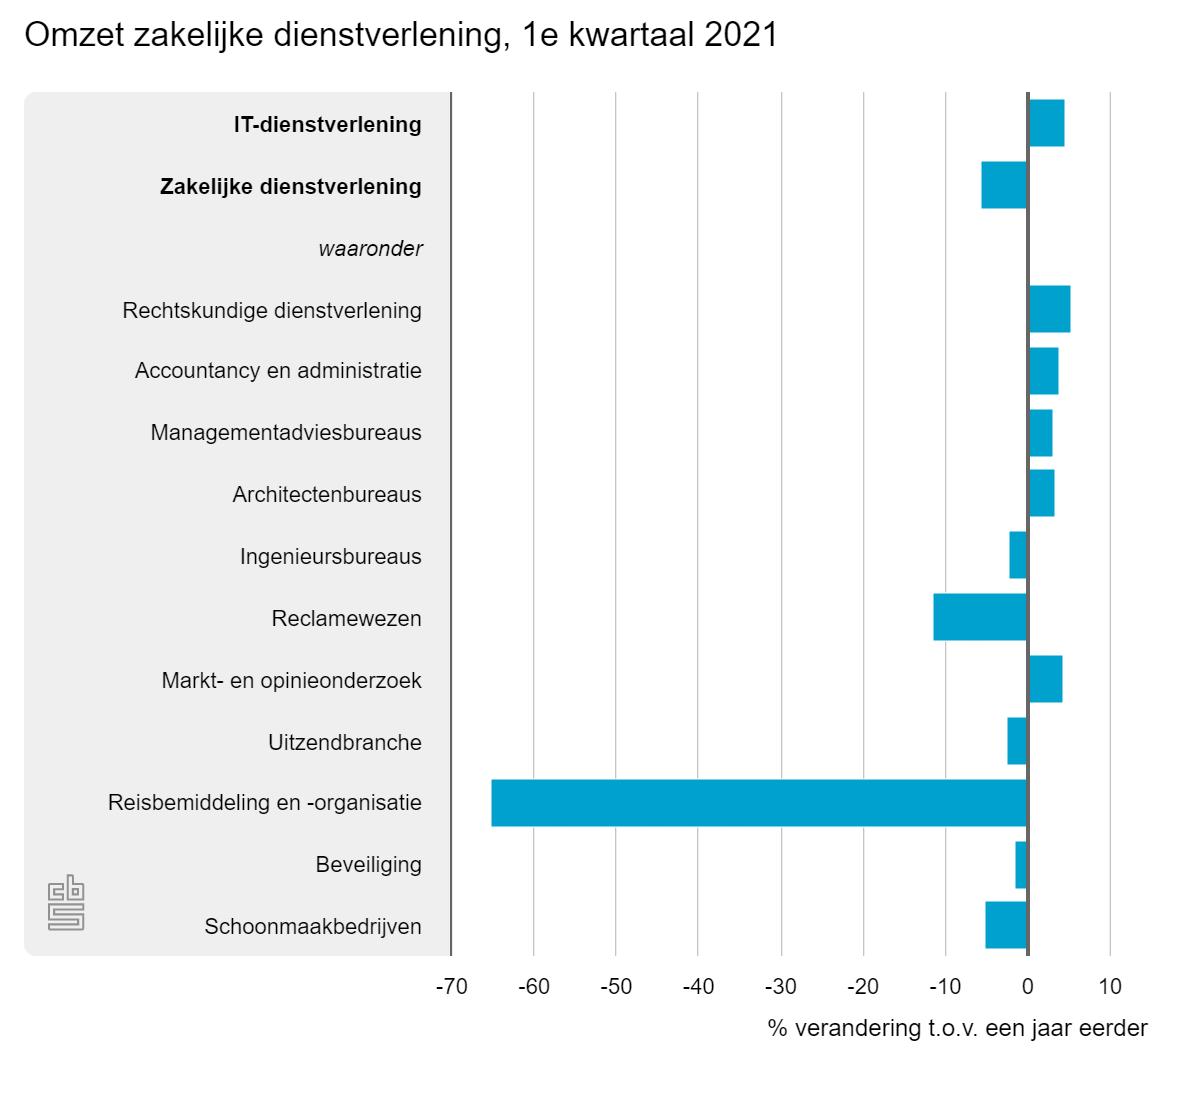 Omzet zakelijke dienstverlening, 1e kwartaal 2021